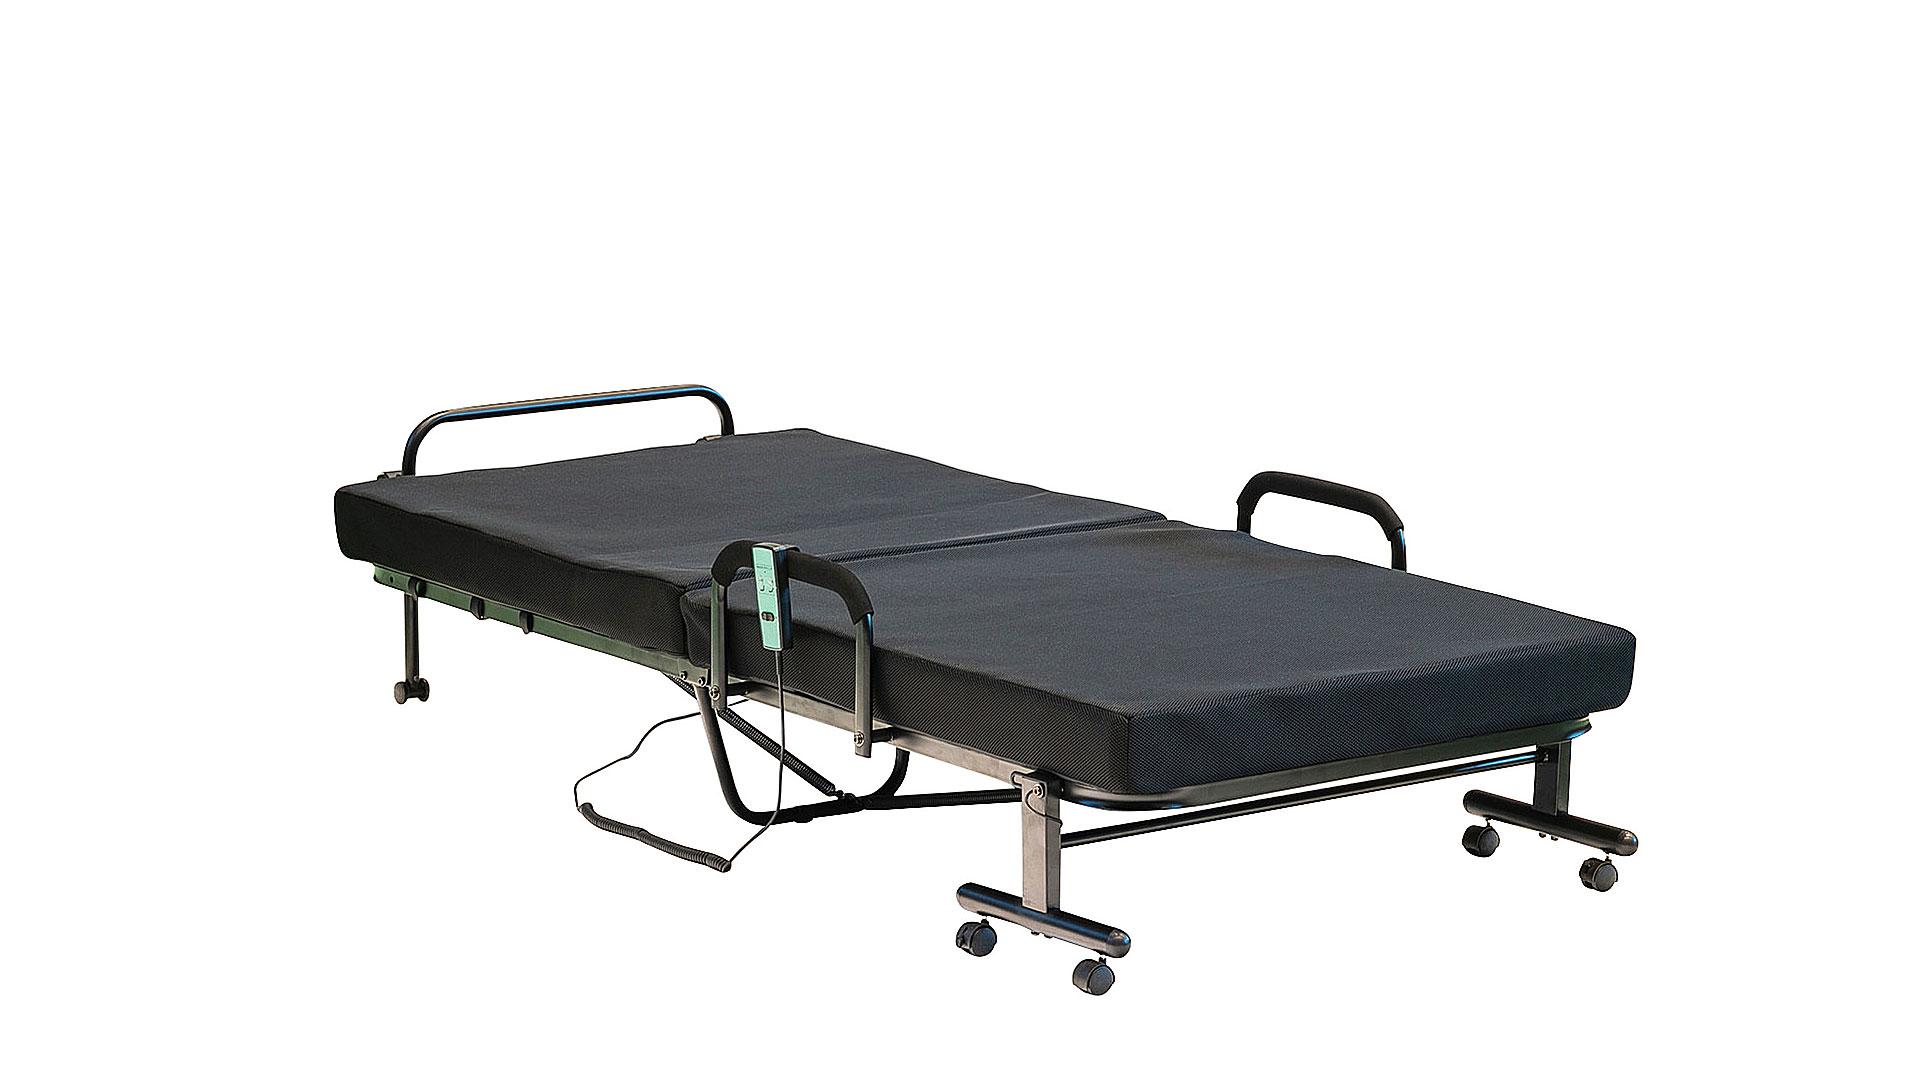 リビンズの折りたたみ電動ベッド「アクセル」の広げた状態の画像